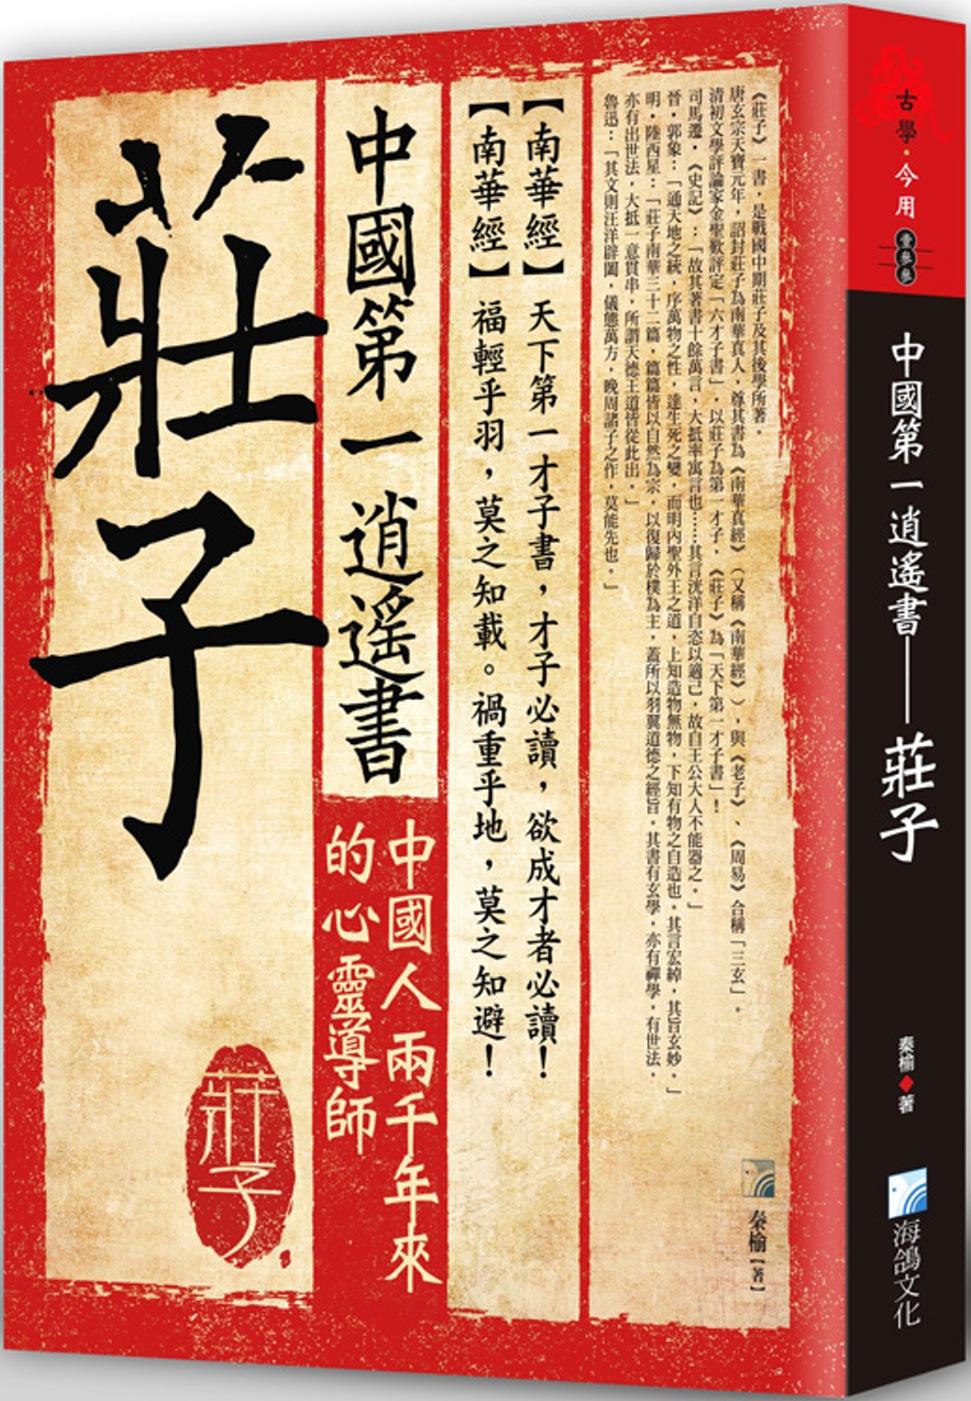 中國第一逍遙書:莊子